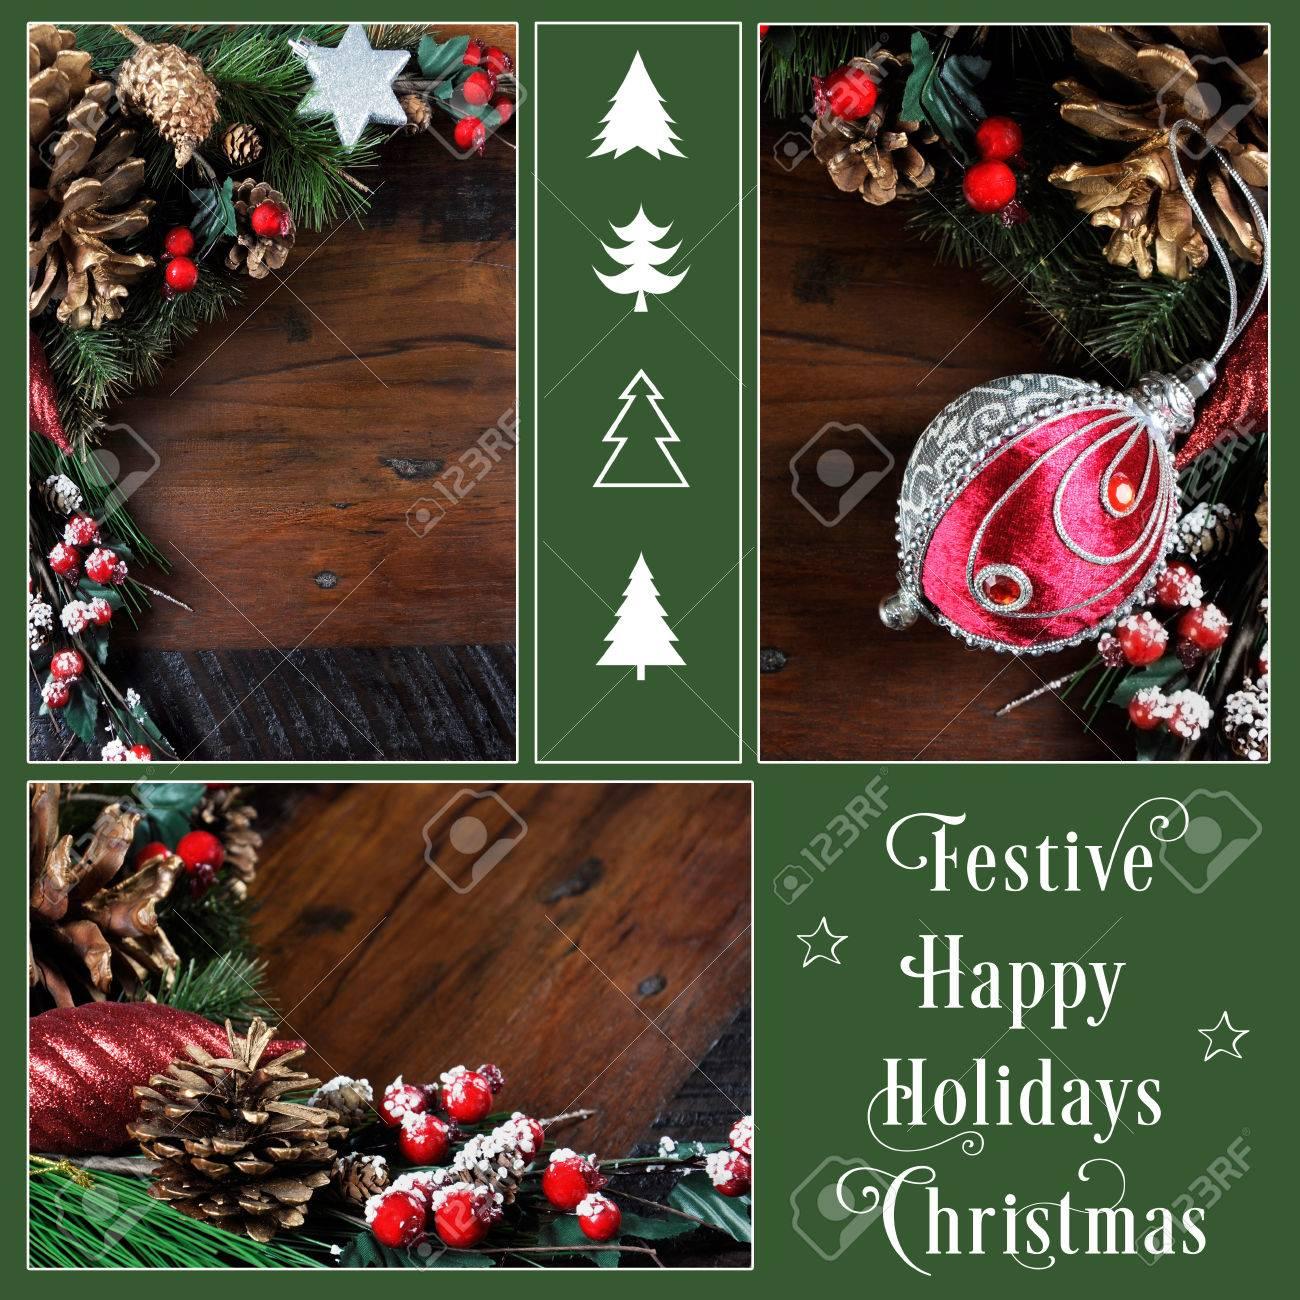 finest great felices fiestas y de fondo de navidad con pias y adornos festivos en oscuro collage with navidad con pias with de navidad con pias - Adornos De Navidad Con Pias